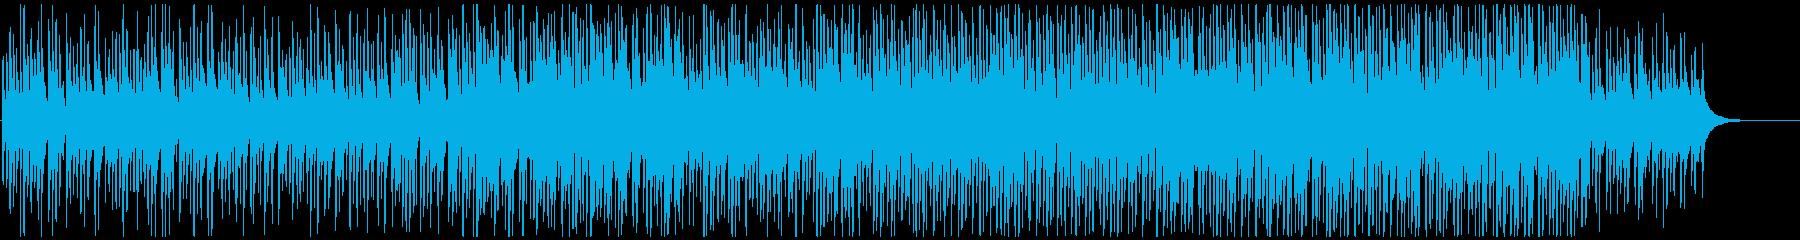 CMや映像にピアノ 優しく明るくかわいいの再生済みの波形